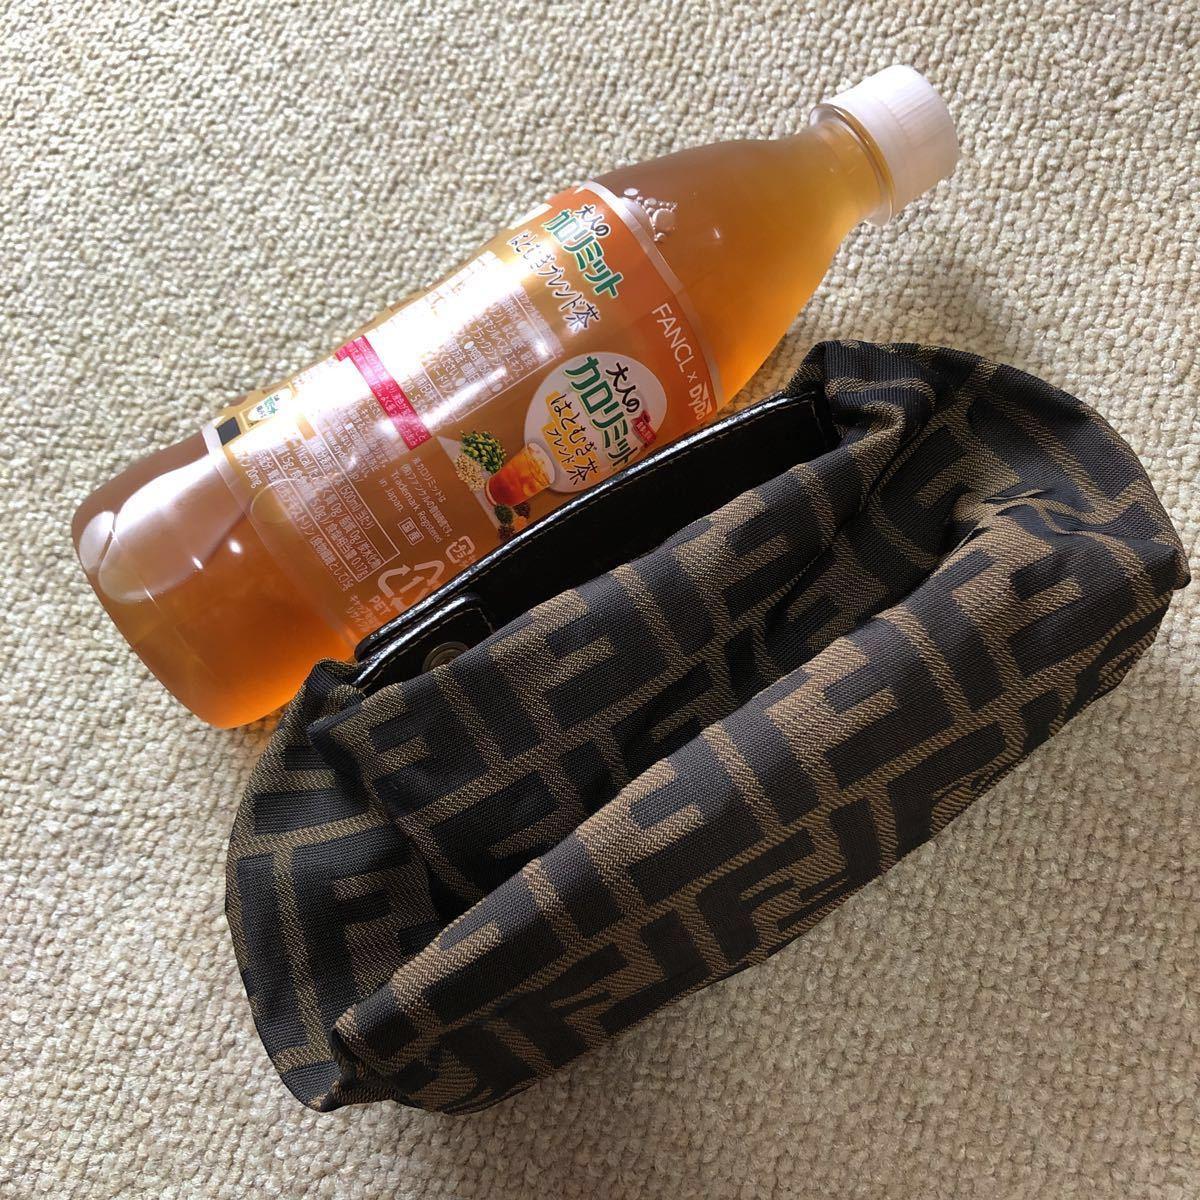 ペットボトルは含まれません。